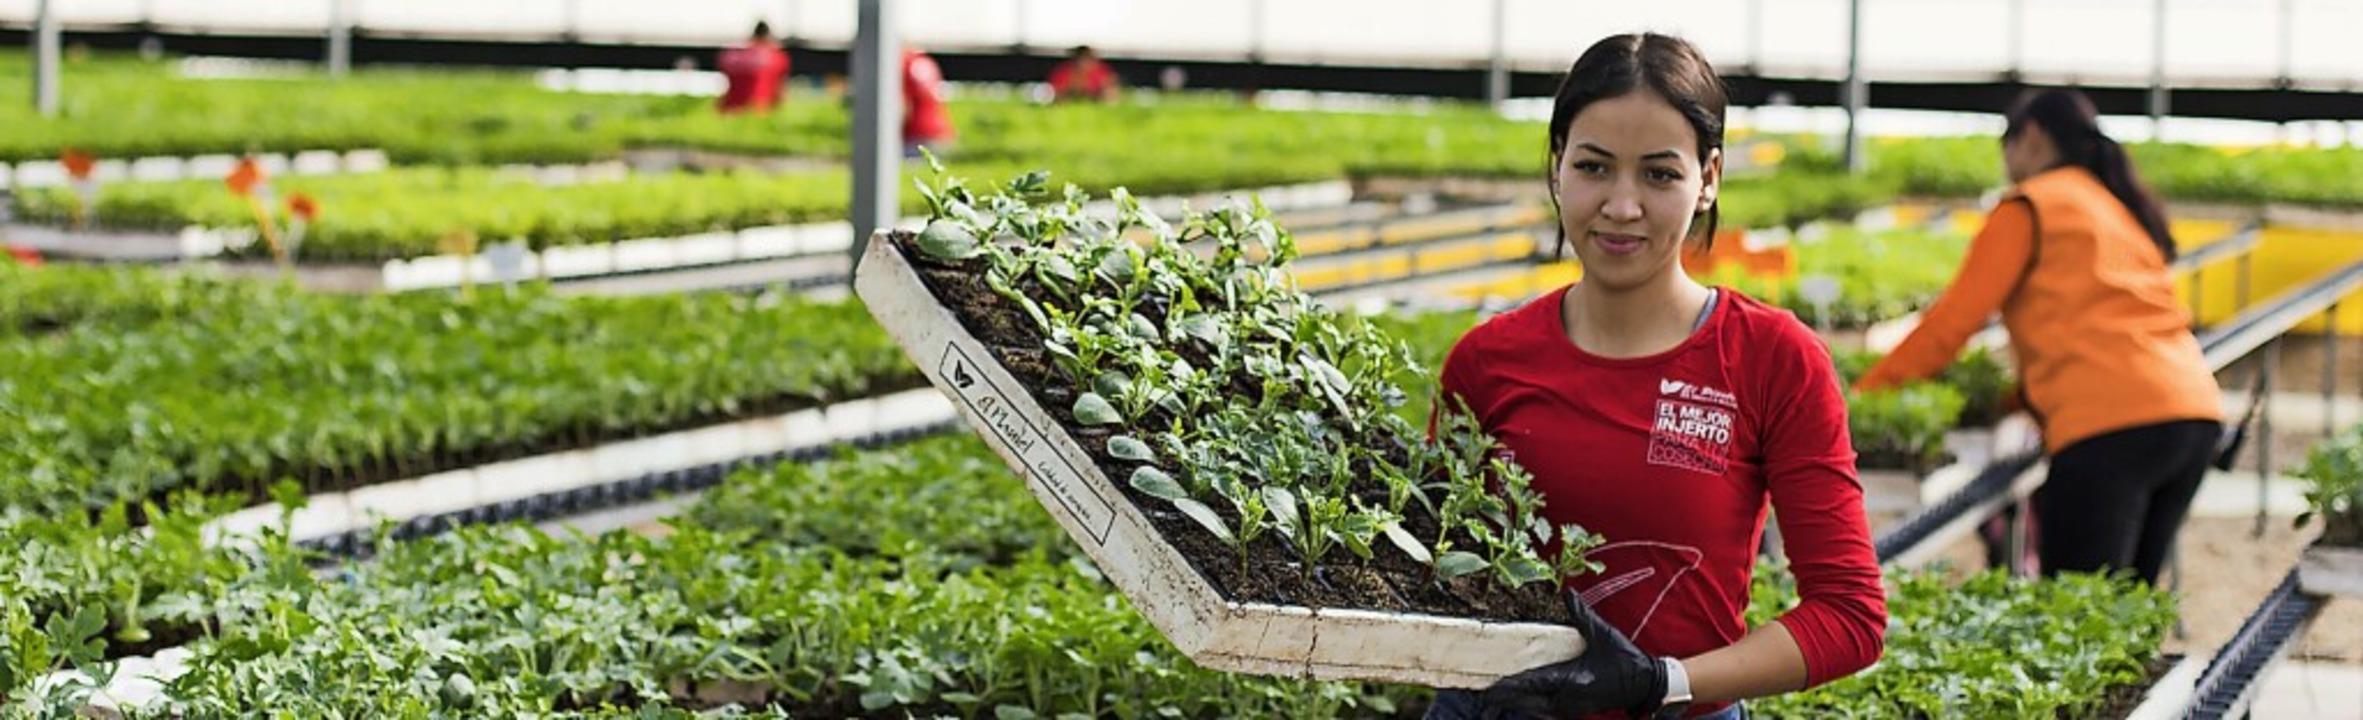 Den Lieferantinnen von Lebensmitteln soll das neue Gesetz den Rücken stärken.     Foto: Curro Vallejo (dpa)